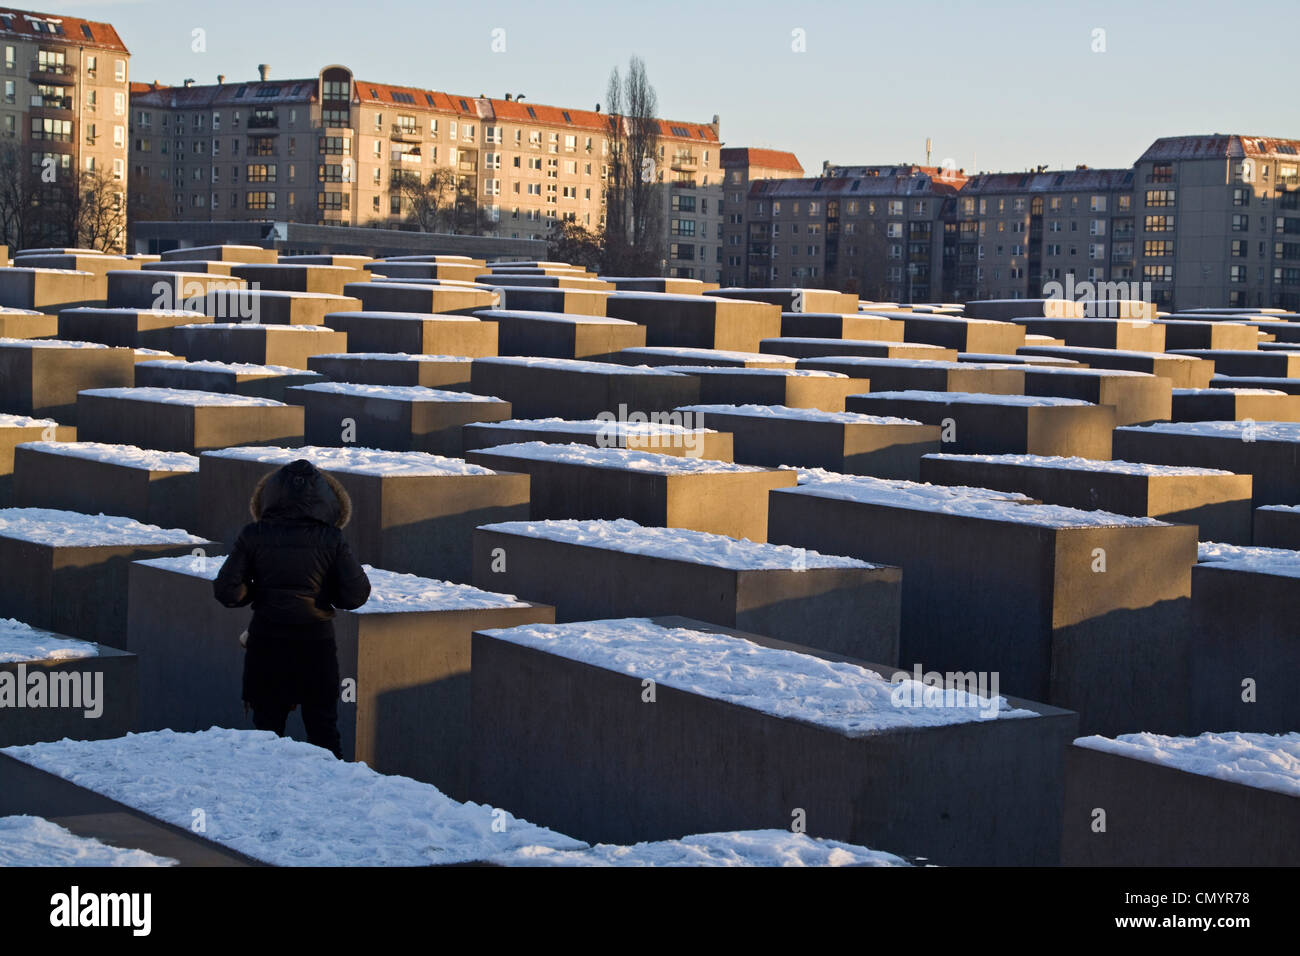 Berliner Holocaust-Mahnmal im Winter, Beton Fünfergruppe vom Architekten Peter Eisenmann Stockbild